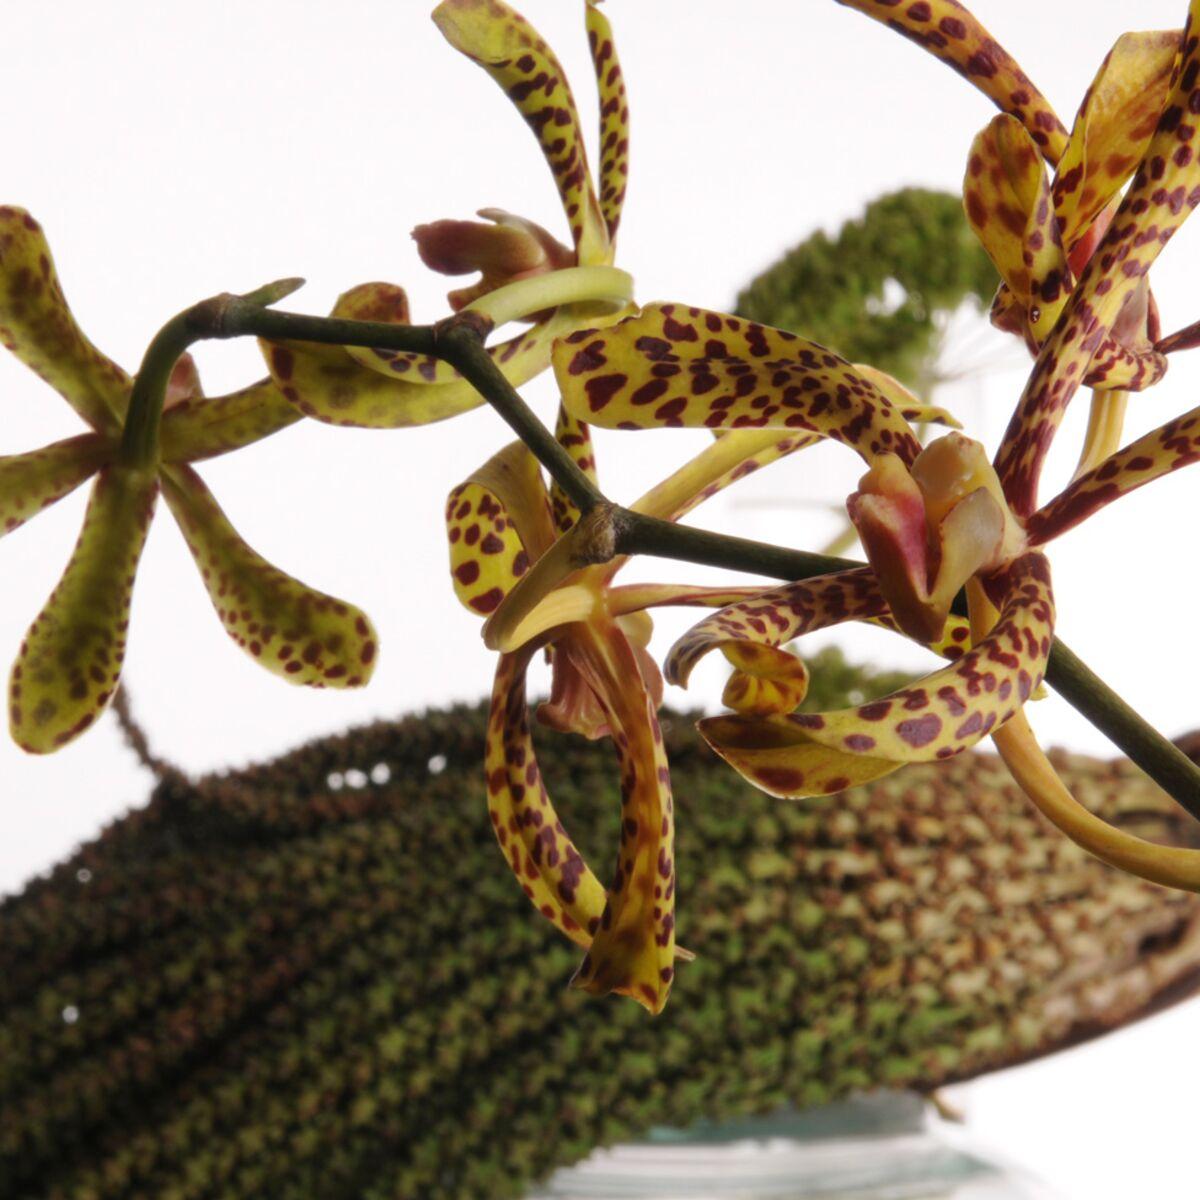 Comment Planter Une Orchidée comment faire des beaux bouquets d'orchidées : femme